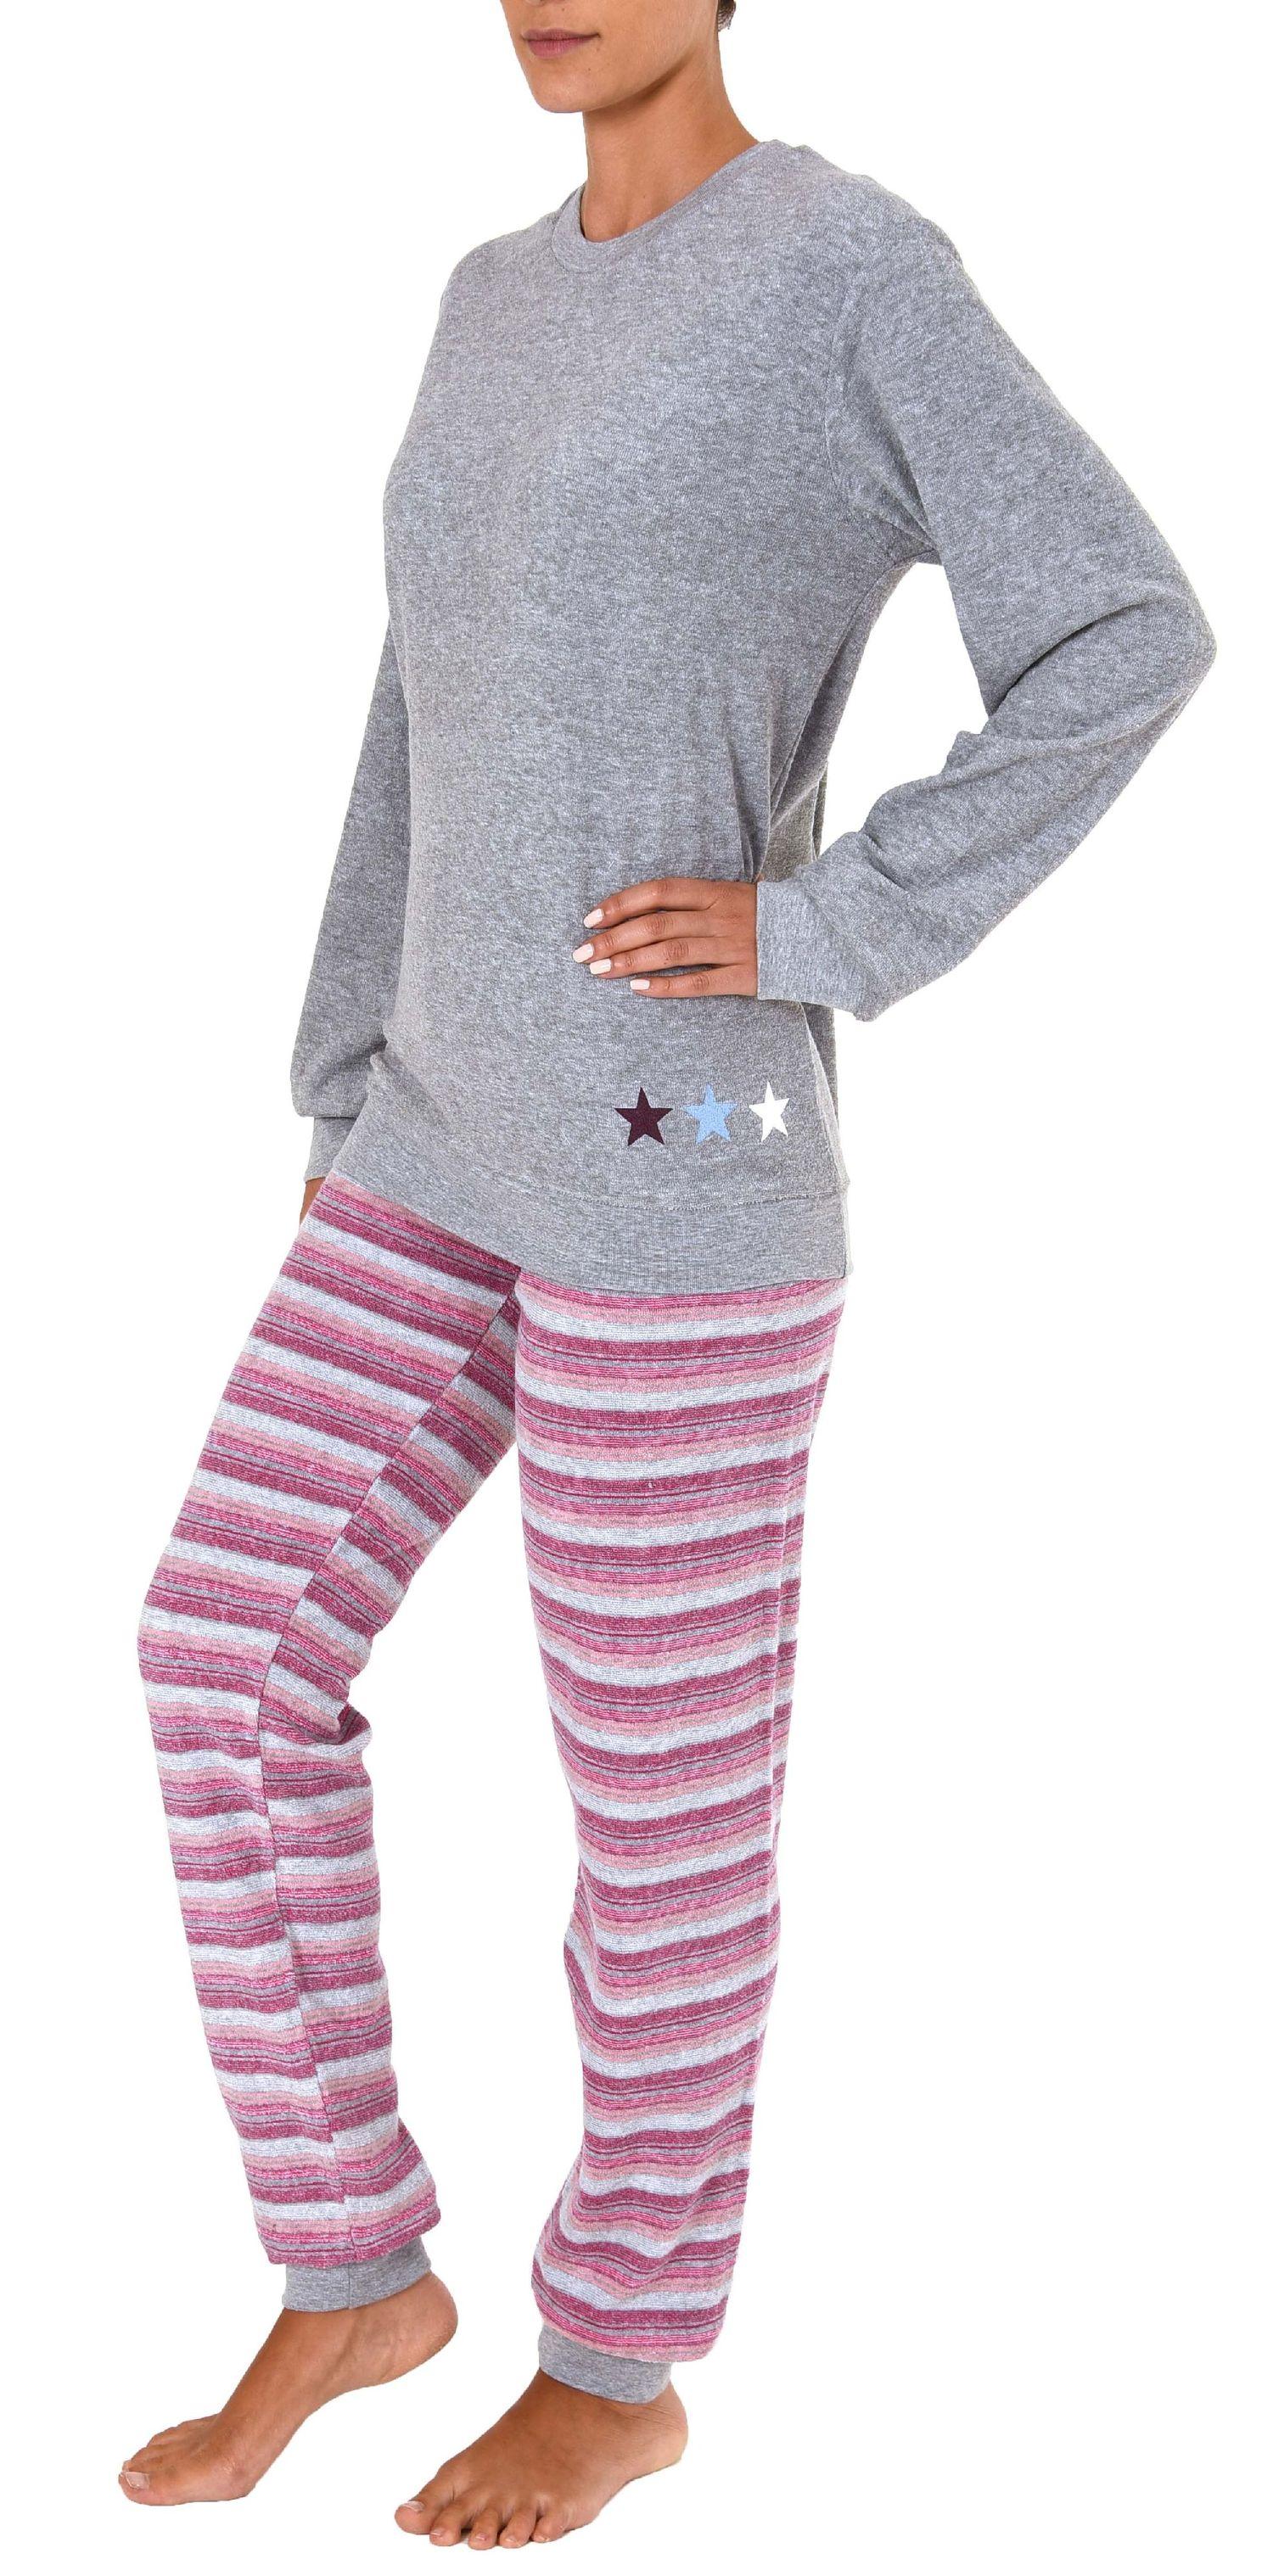 huge discount 0498d 40944 Damen Frottee Pyjama Schlafanzug langarm mit Bündchen und Sterne Motiv -  281 201 03 001